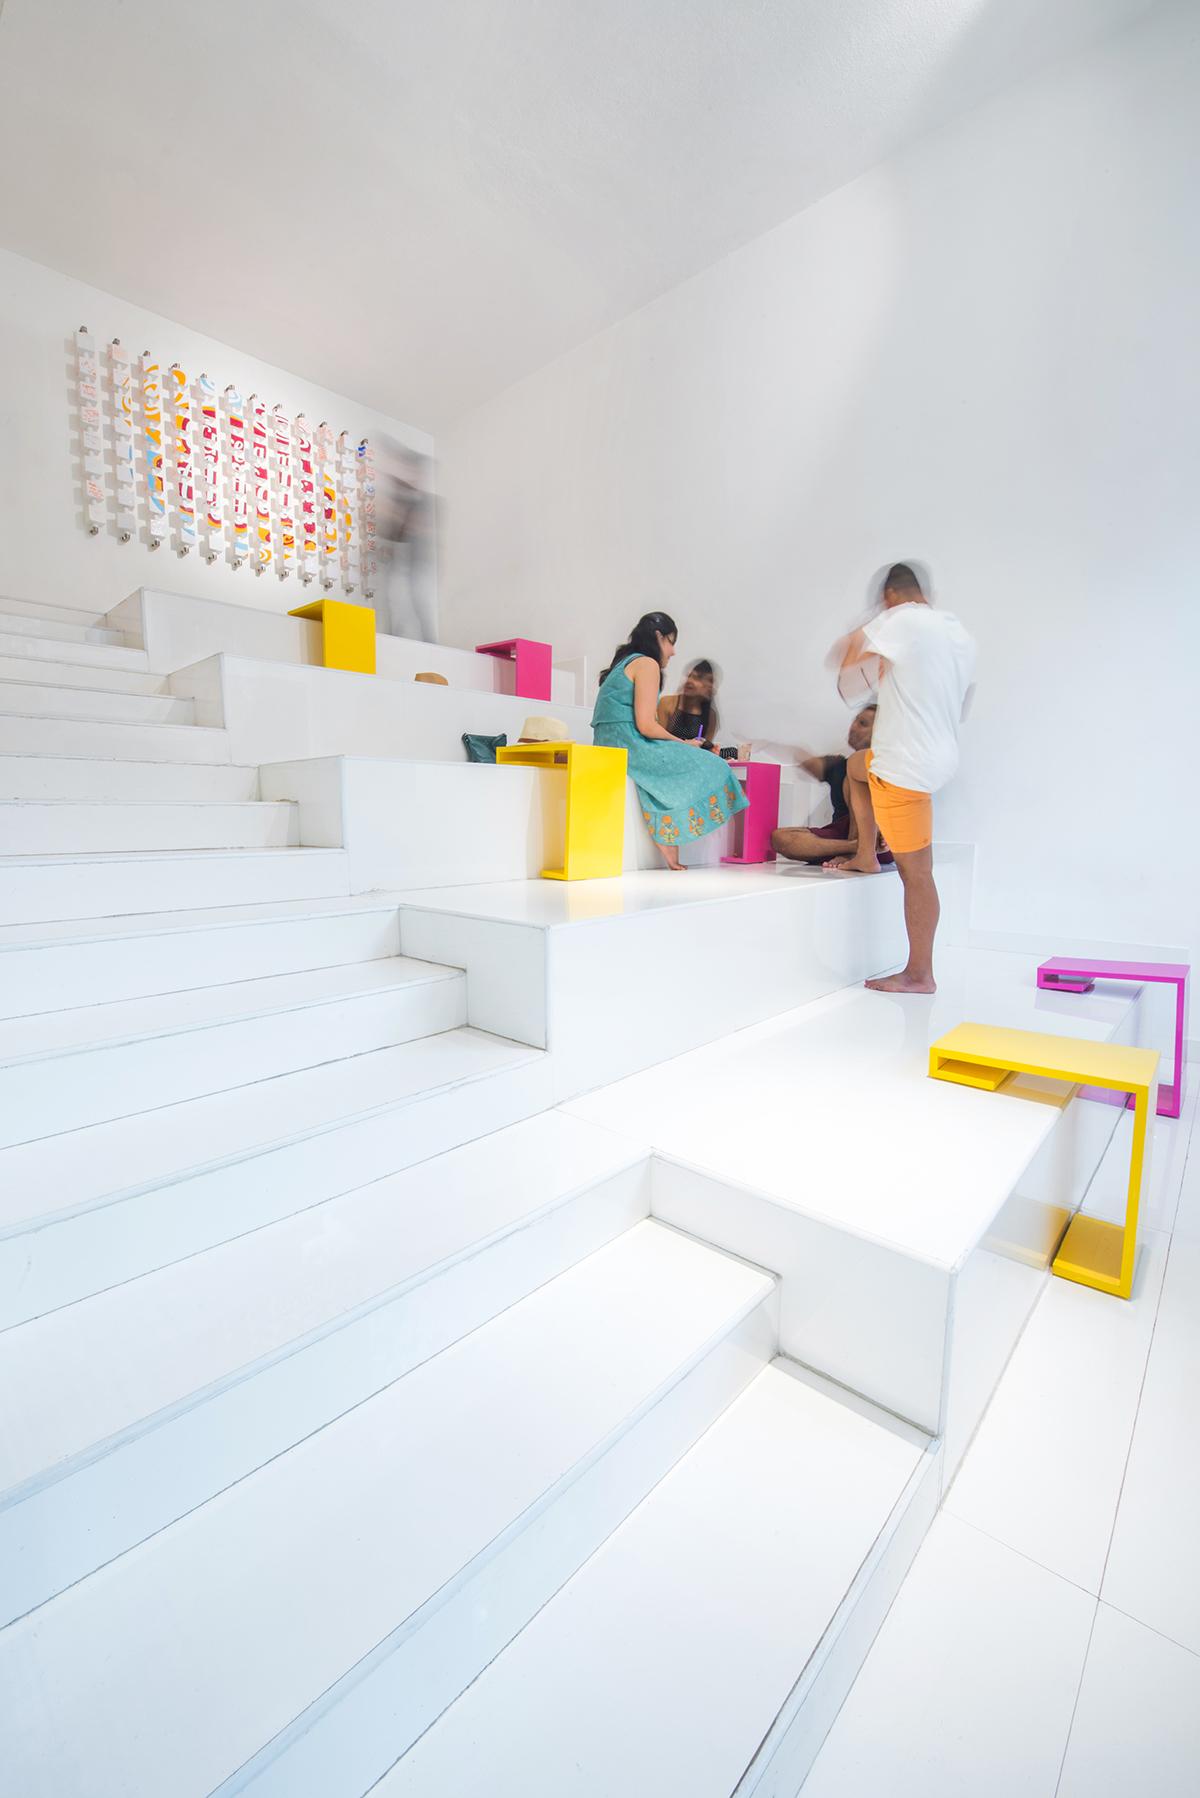 建筑空间设计的现代甜点工作室